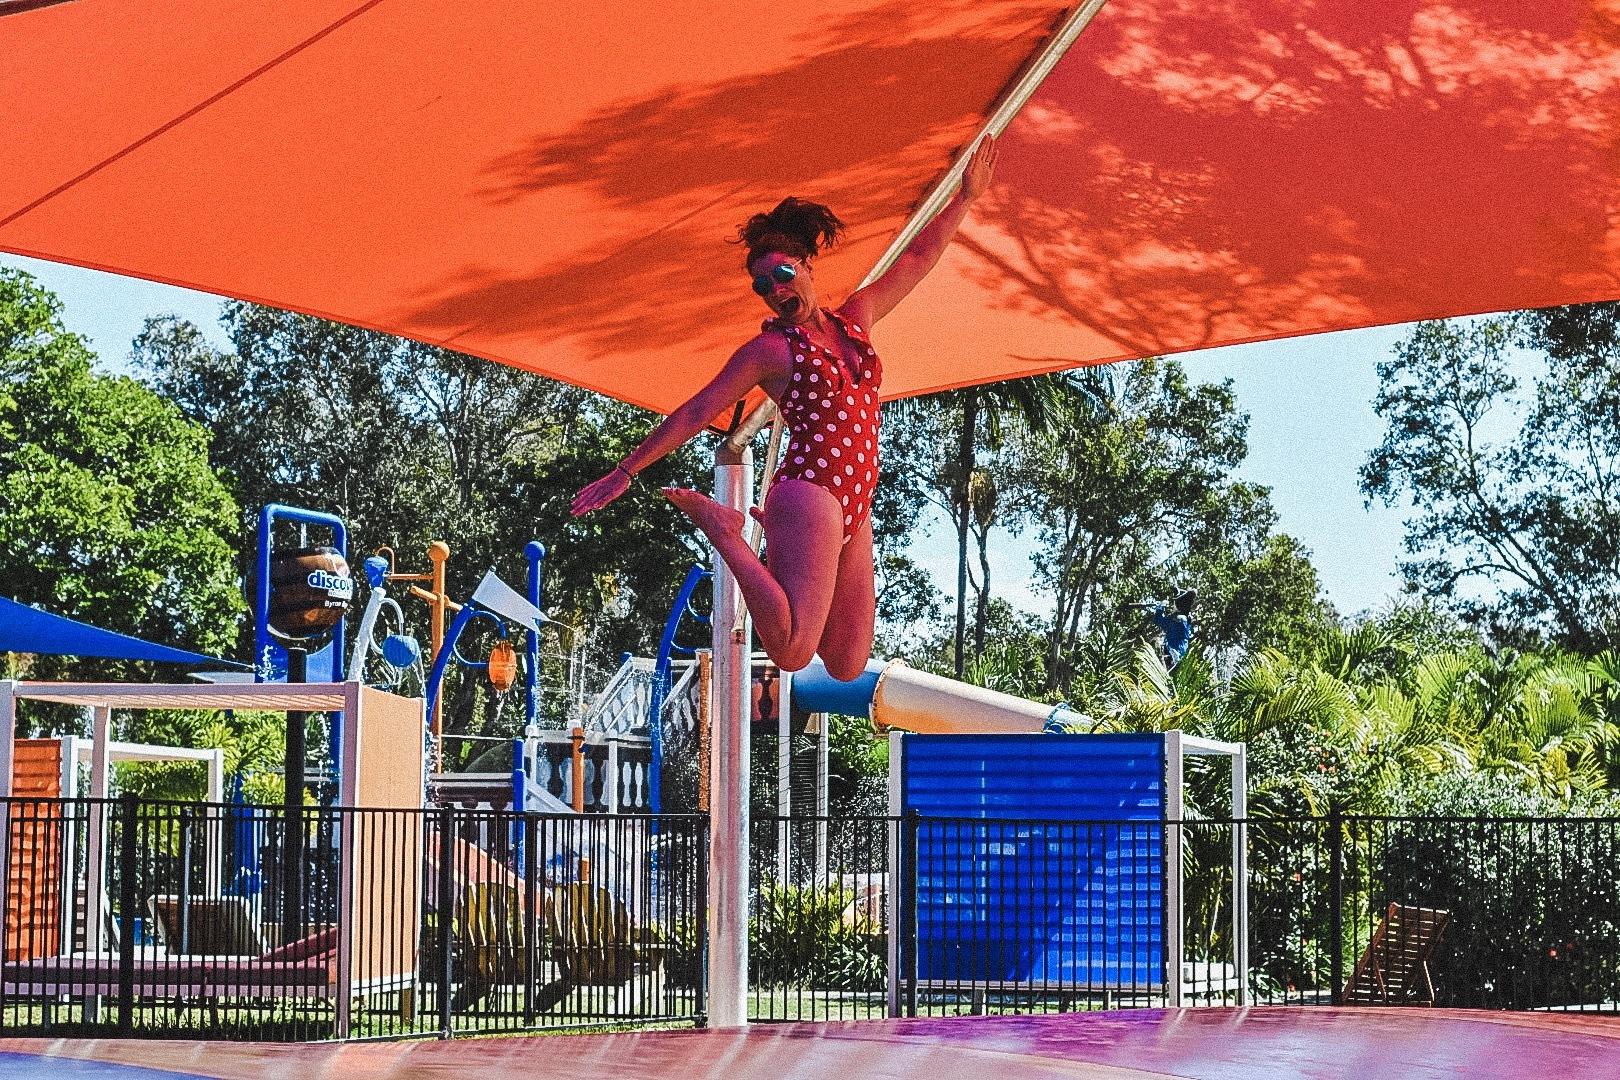 Jami-jumping-at-discovery-parks-byron-bay